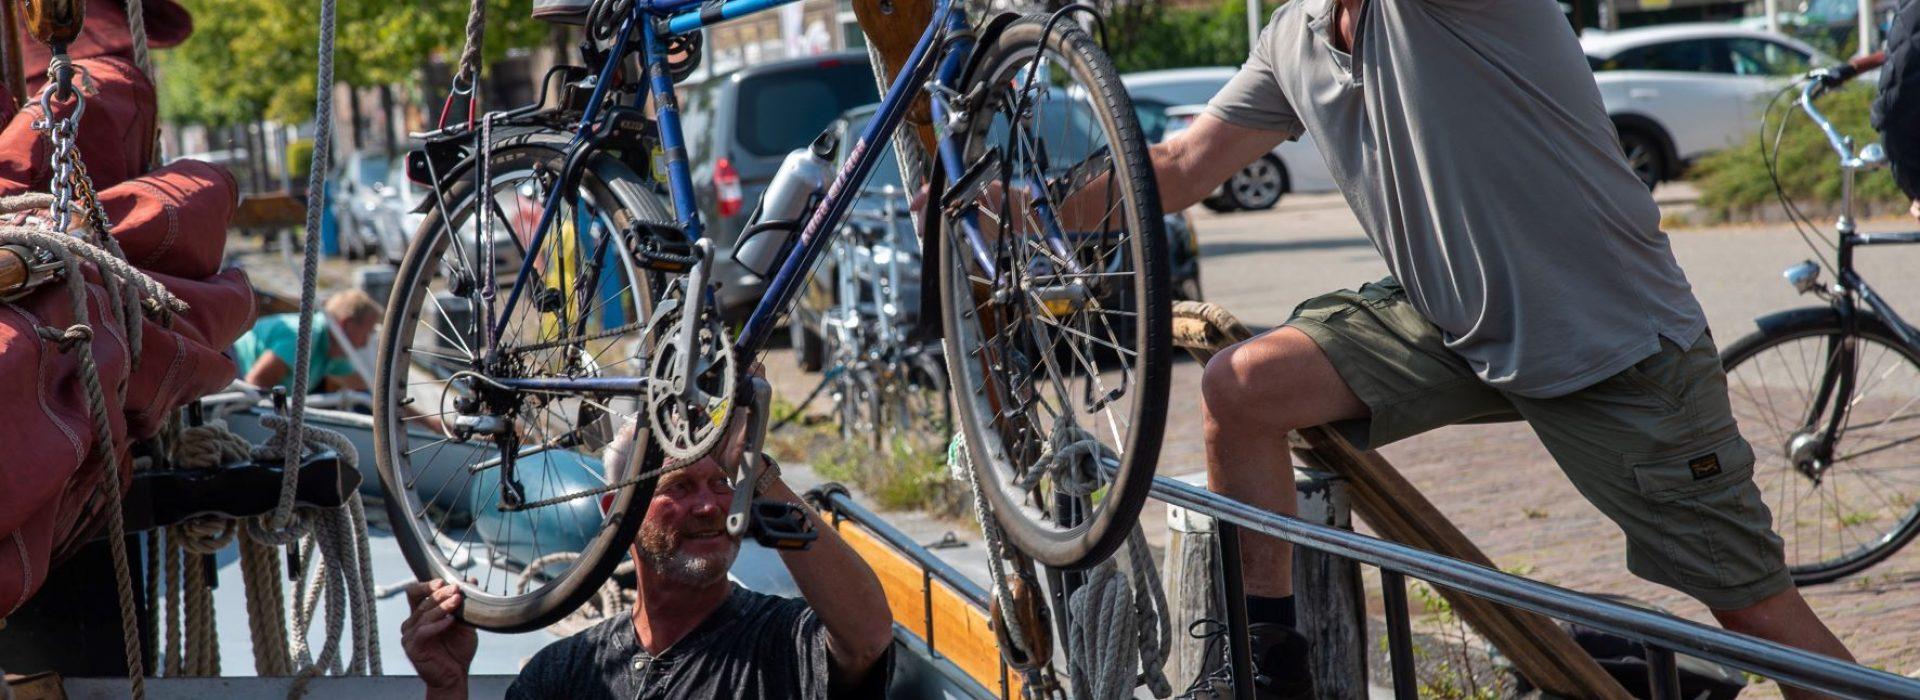 fietsenladen